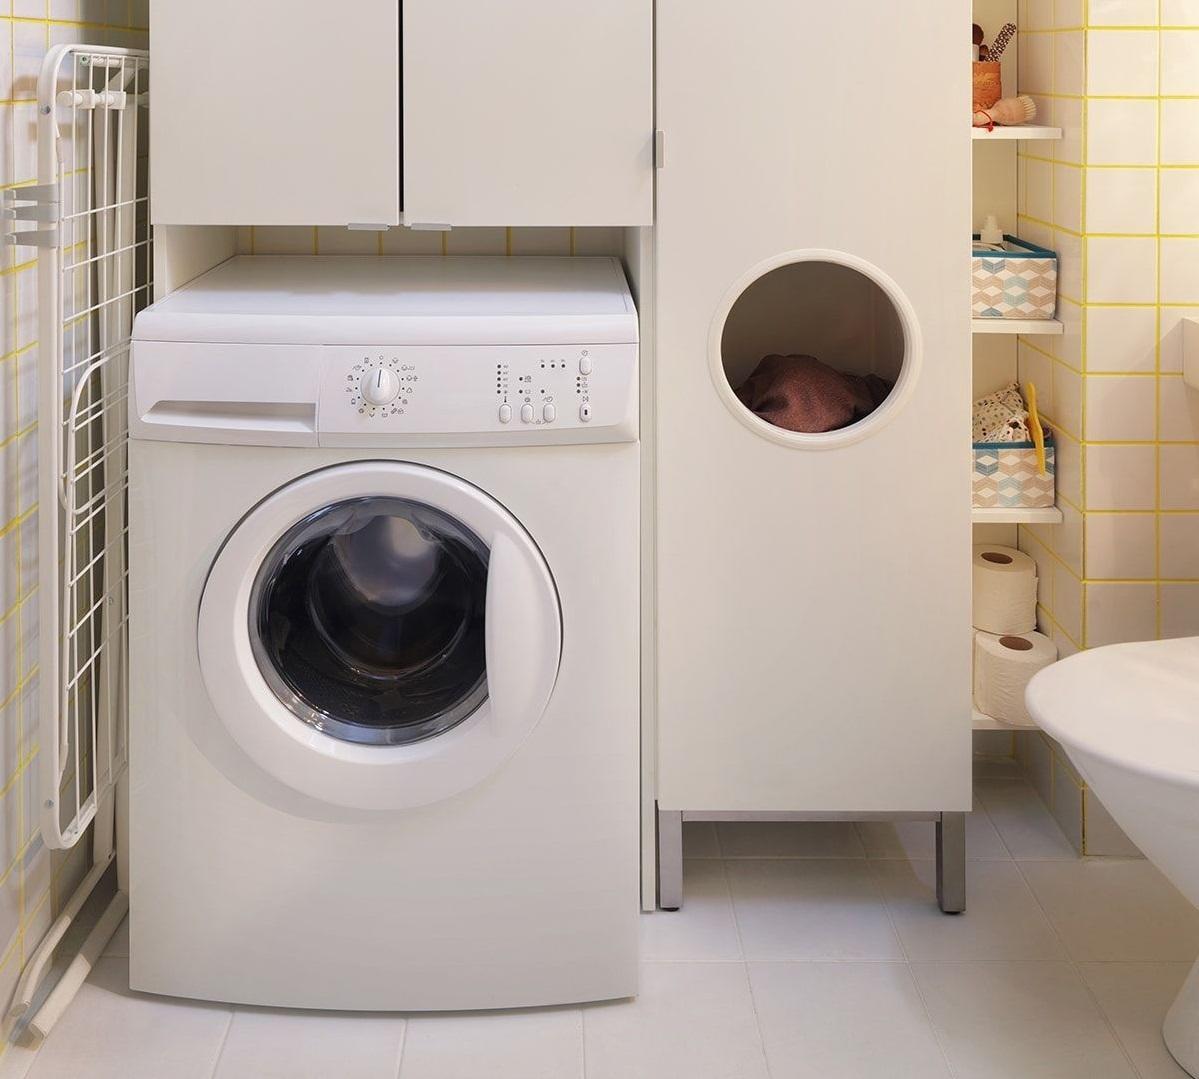 Placard au dessus de la machine à laver